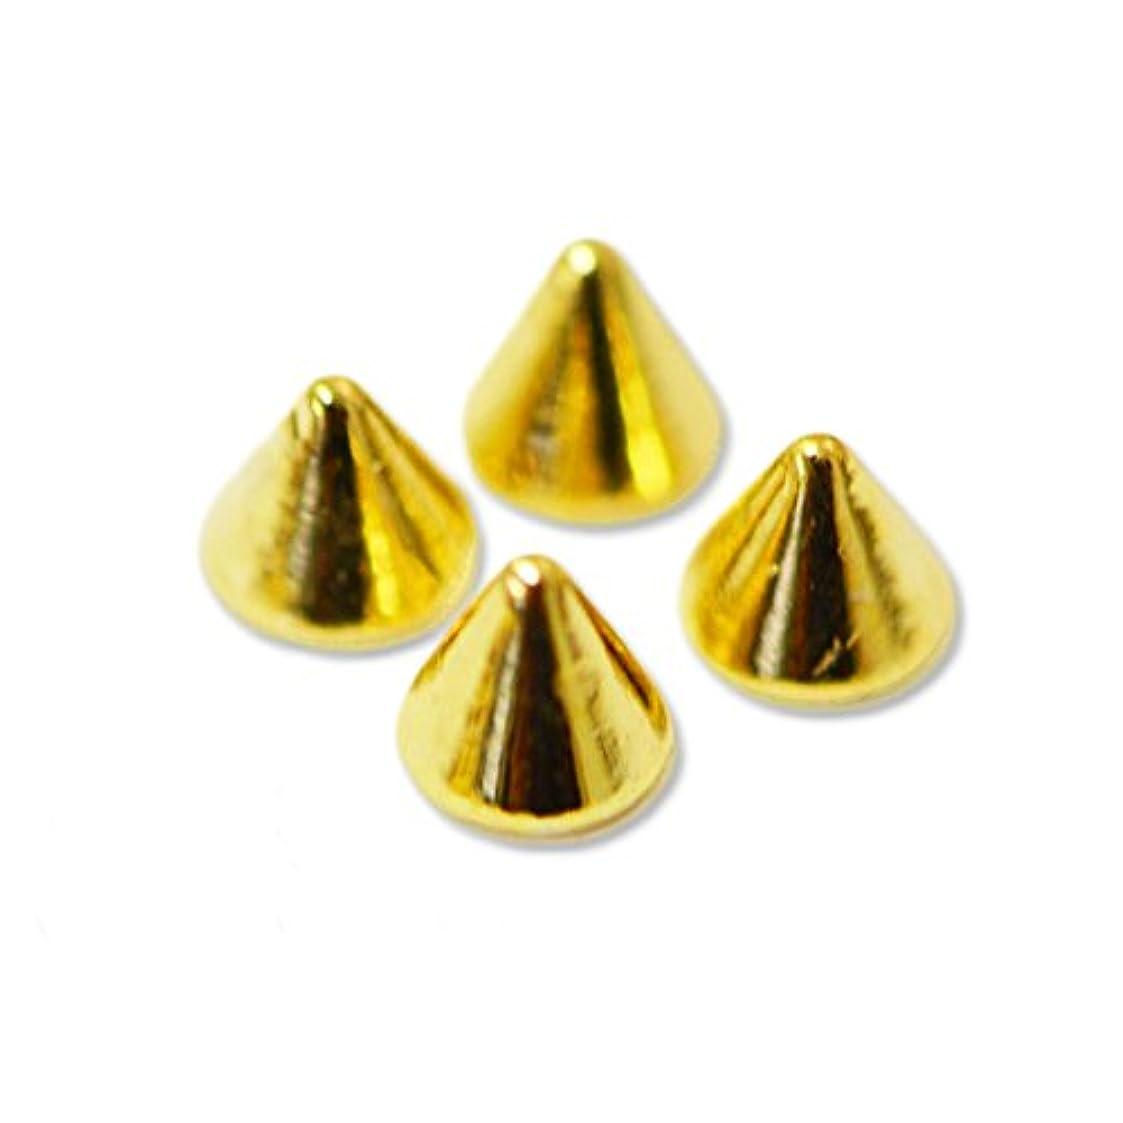 後世司法陪審ジュエリーメタルパーツ ロックスタッズ 円錐形(コーン)の鋲 : 4個入り ゴールド 直径3mm×高さ2mm